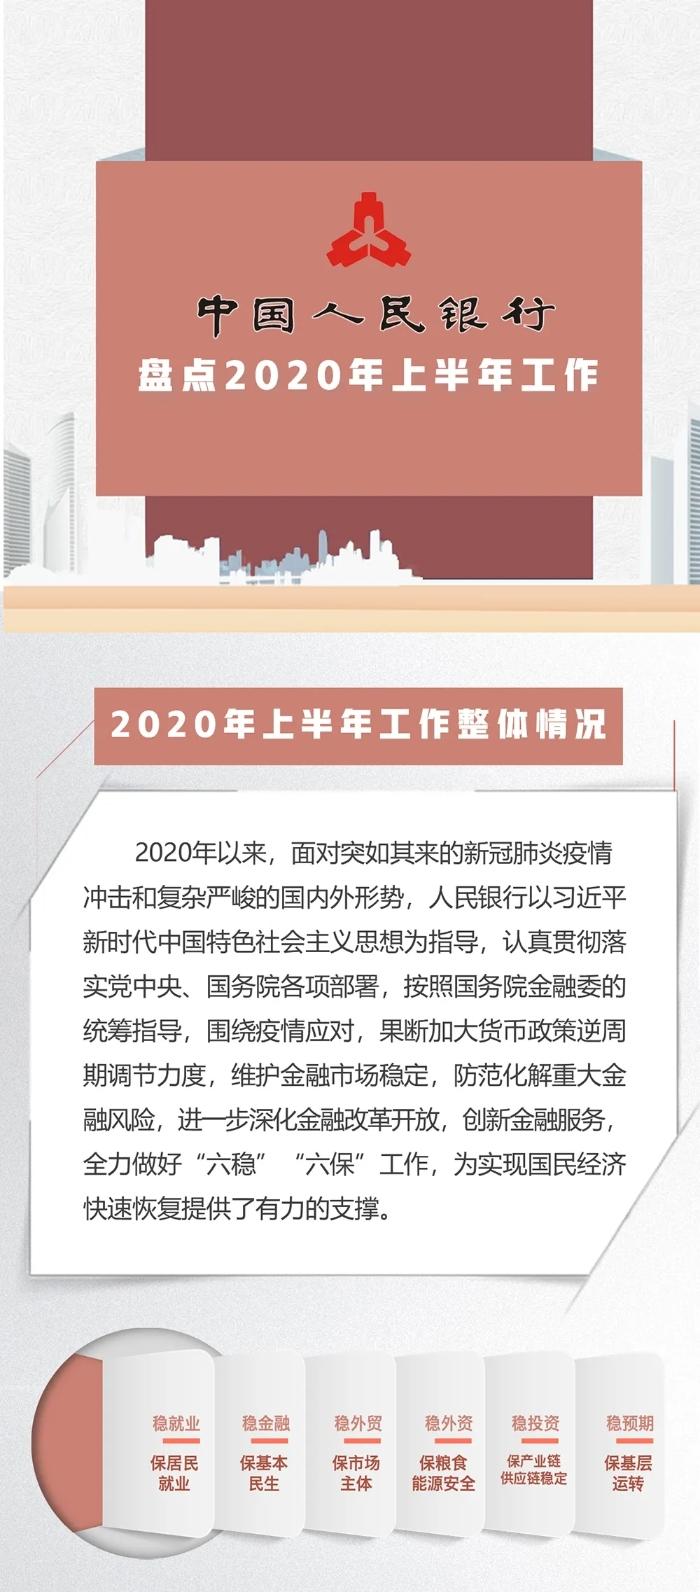 盘点人民银走2020年上半年做事